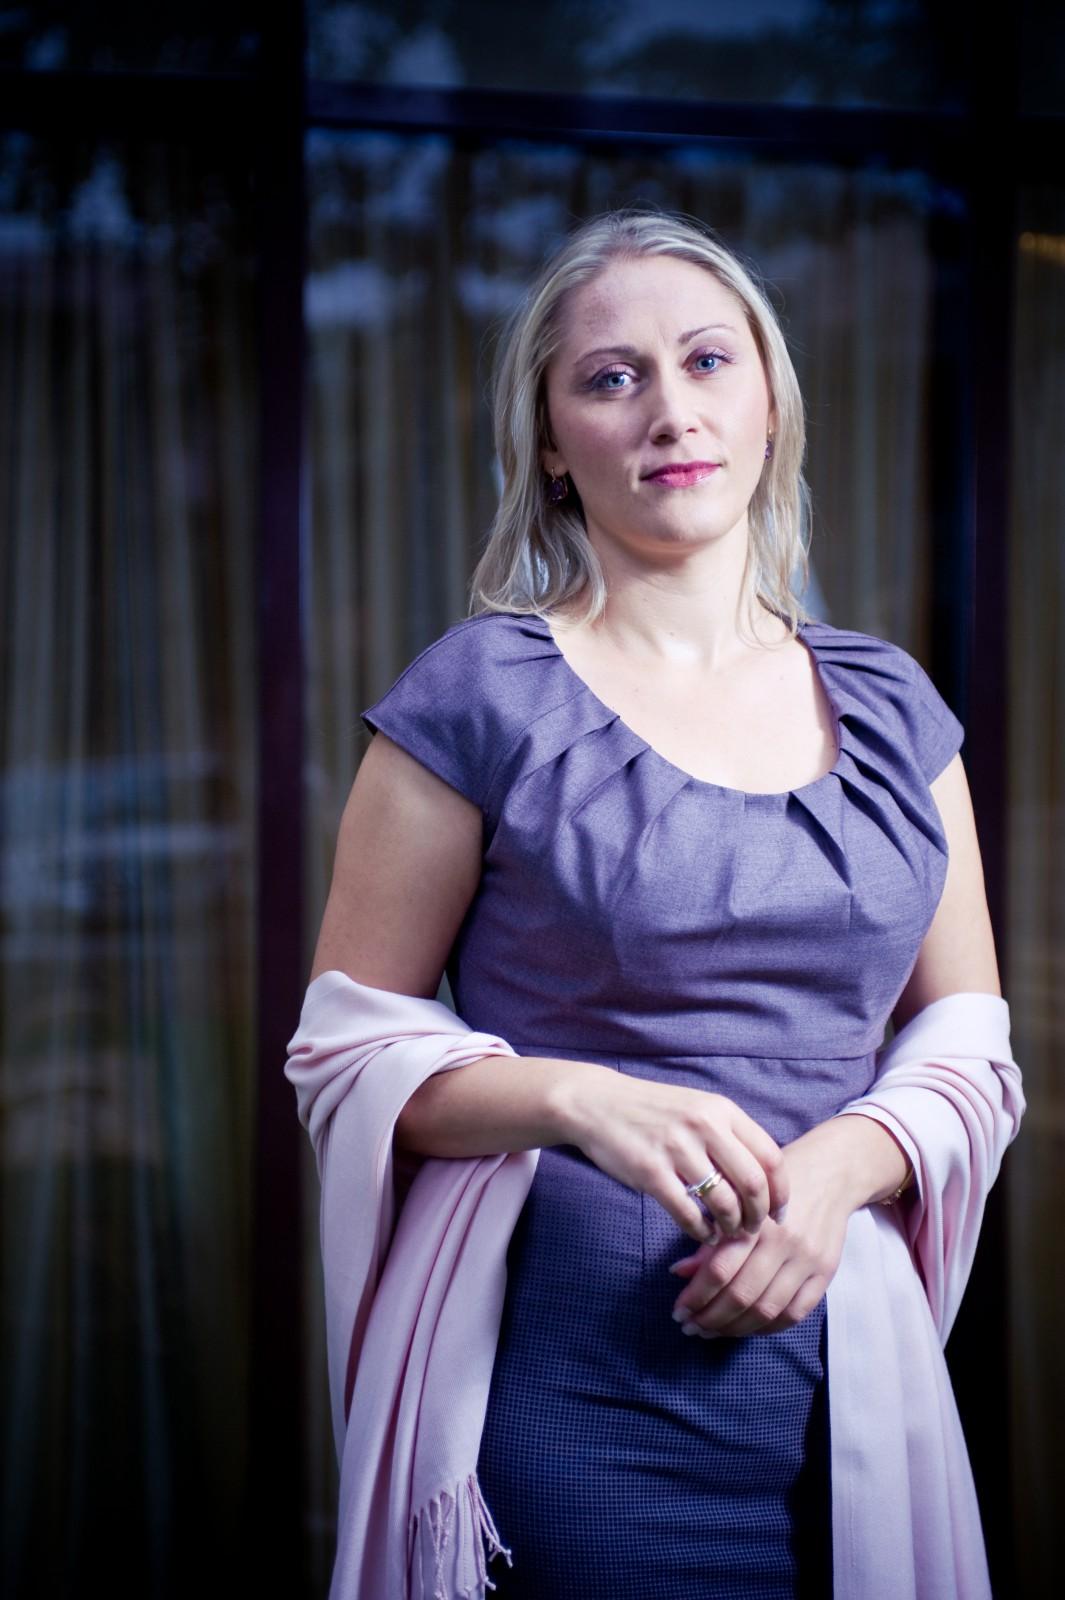 Ludmila  Posiletcaia  - profile image